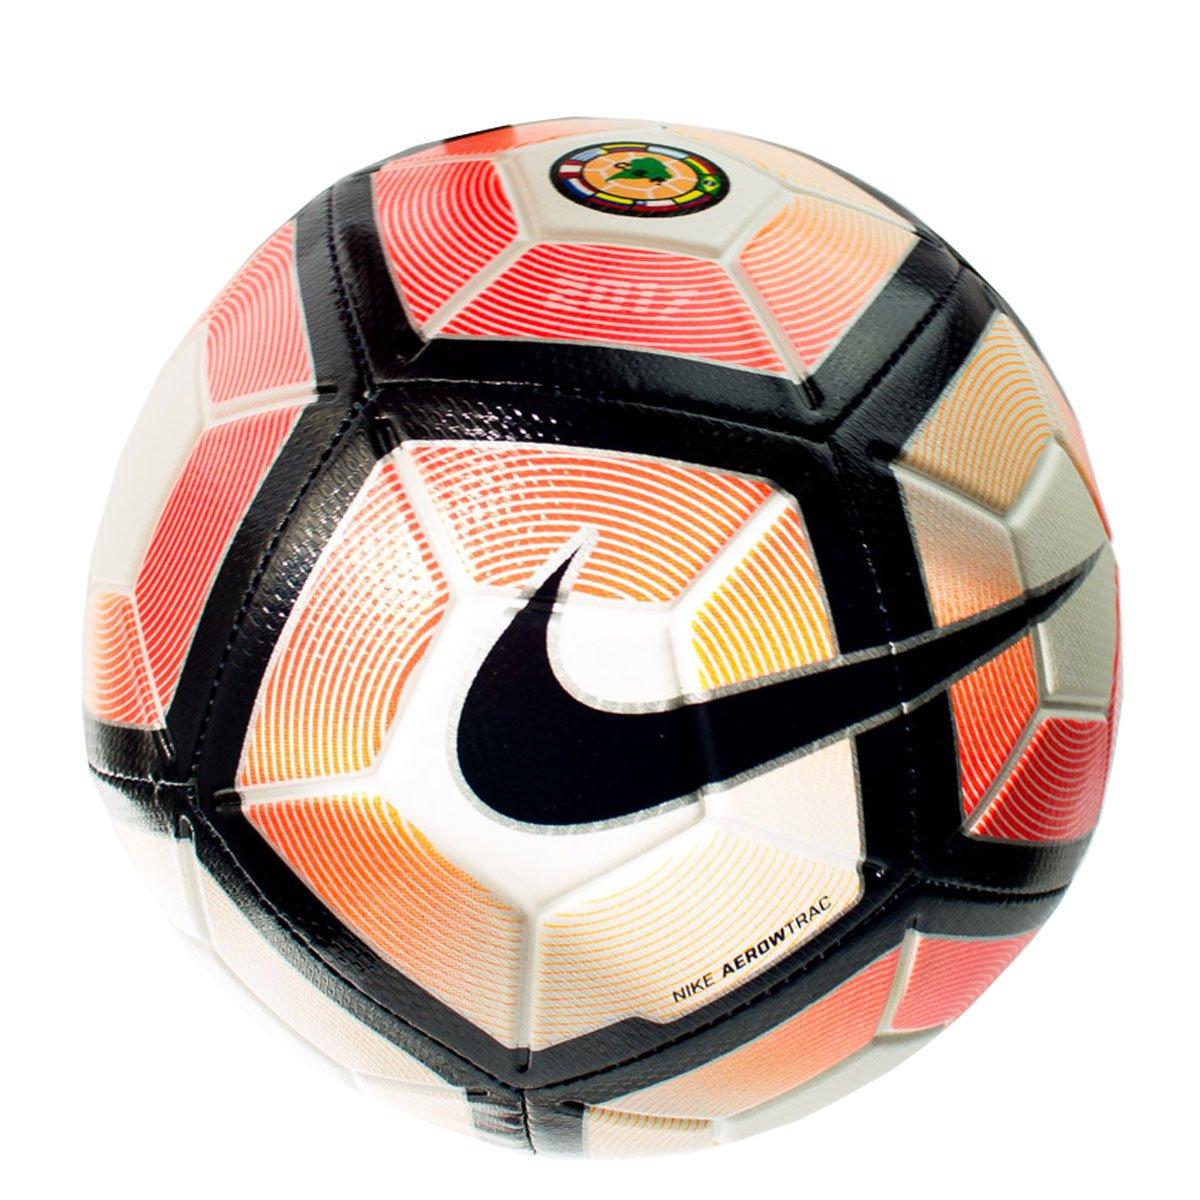 9261c4601d Bizz Store - Bola Futebol De Campo Nike Strike CSF Libertadores